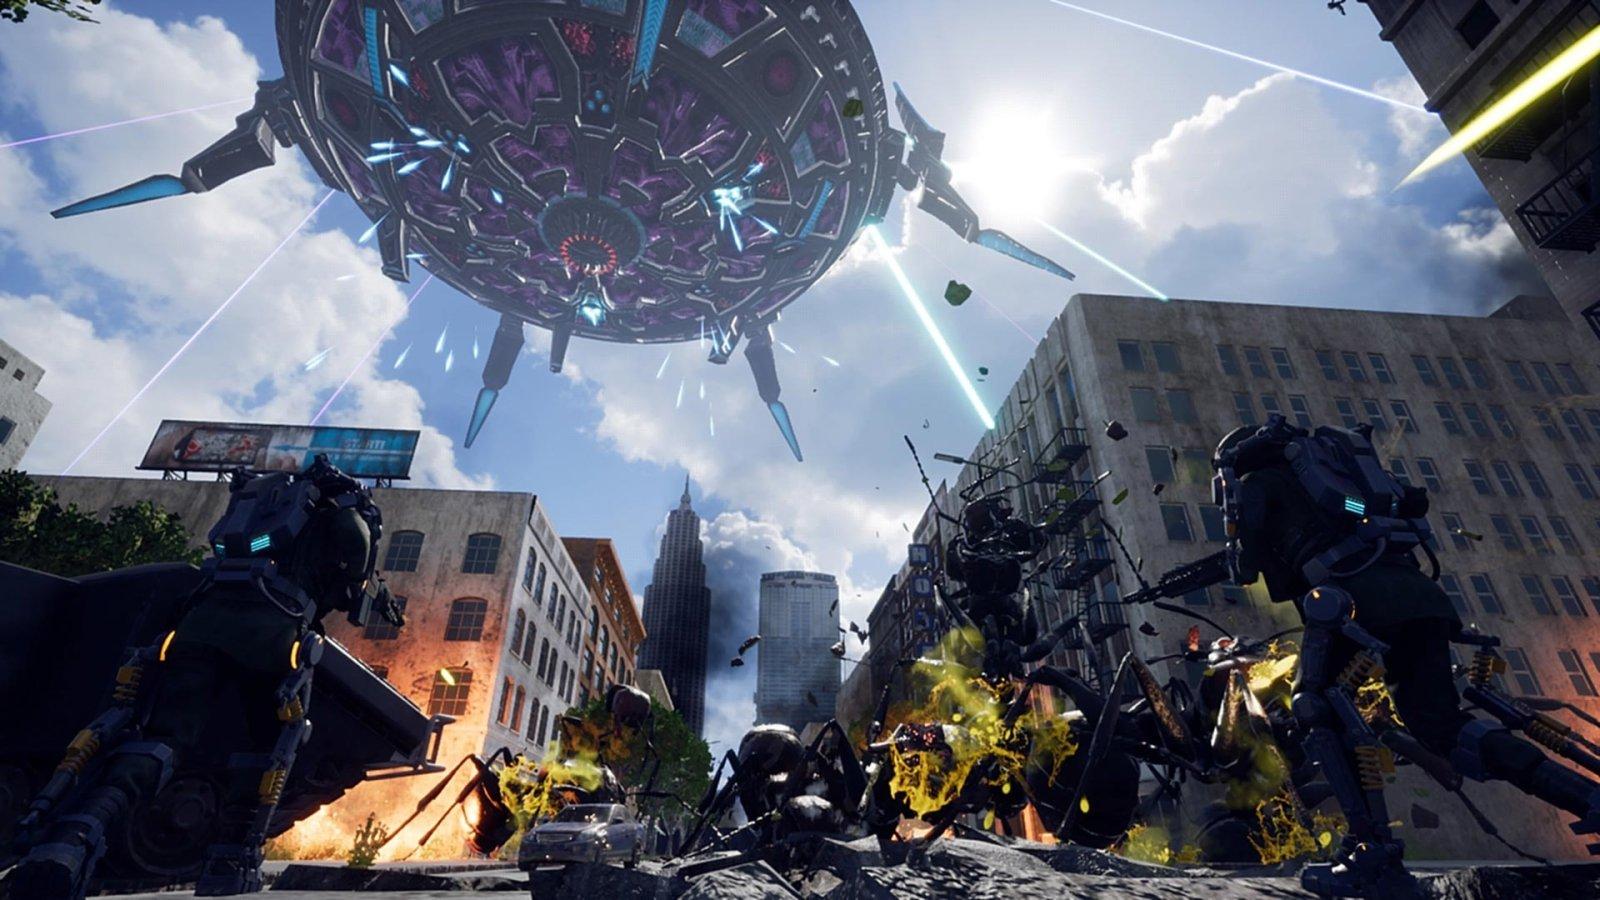 射爆大虫子,《地球防卫军:铁雨》繁体中文版确定4月11日全世界同步发售